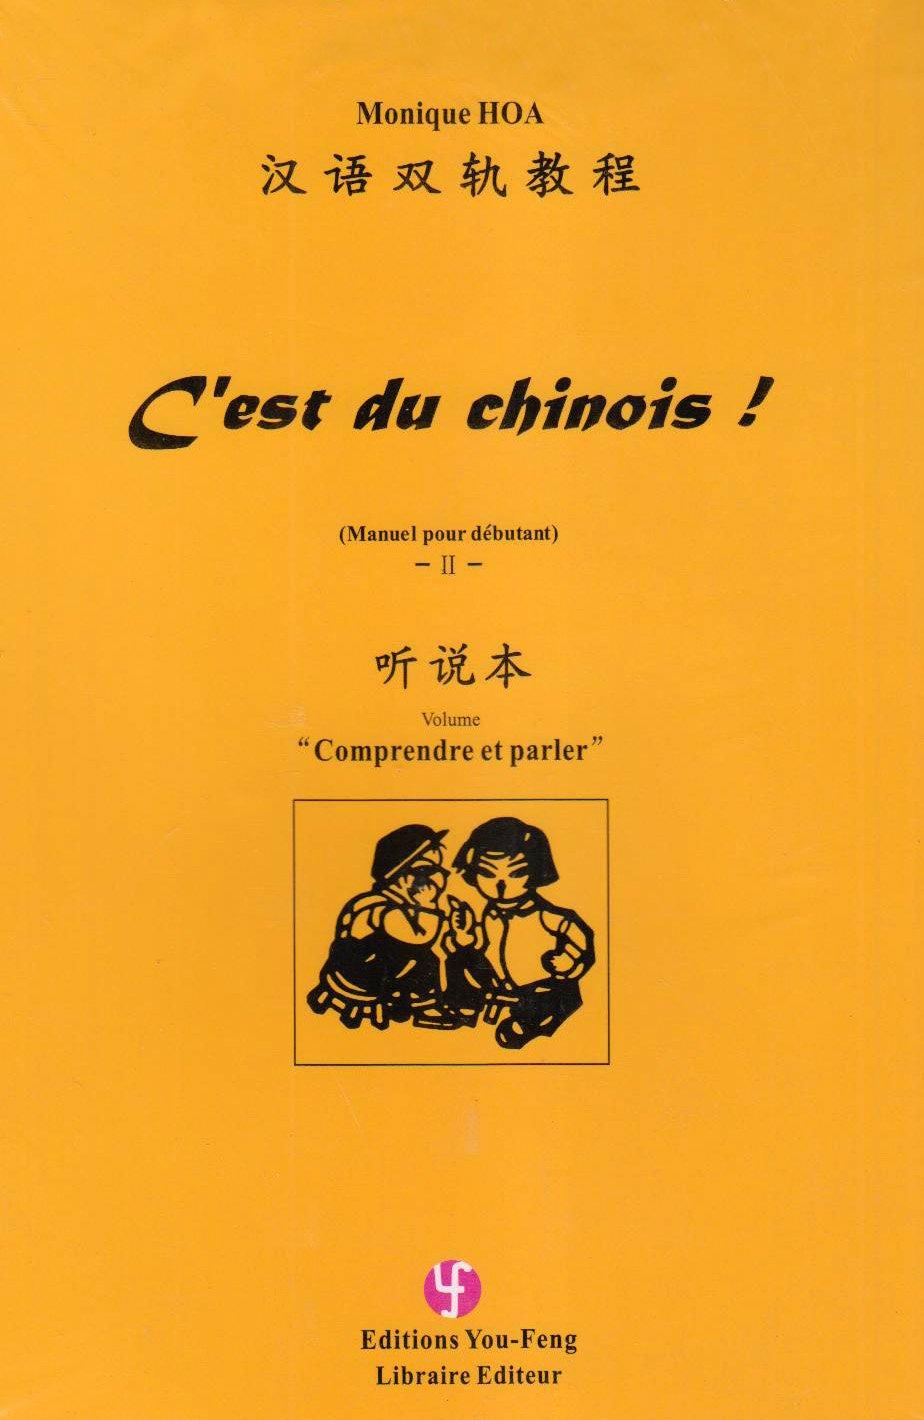 Amazon.fr - C'est du chinois, tome 2 (2 volumes) : Manuel pour débutant -  Monique Hoa - Livres